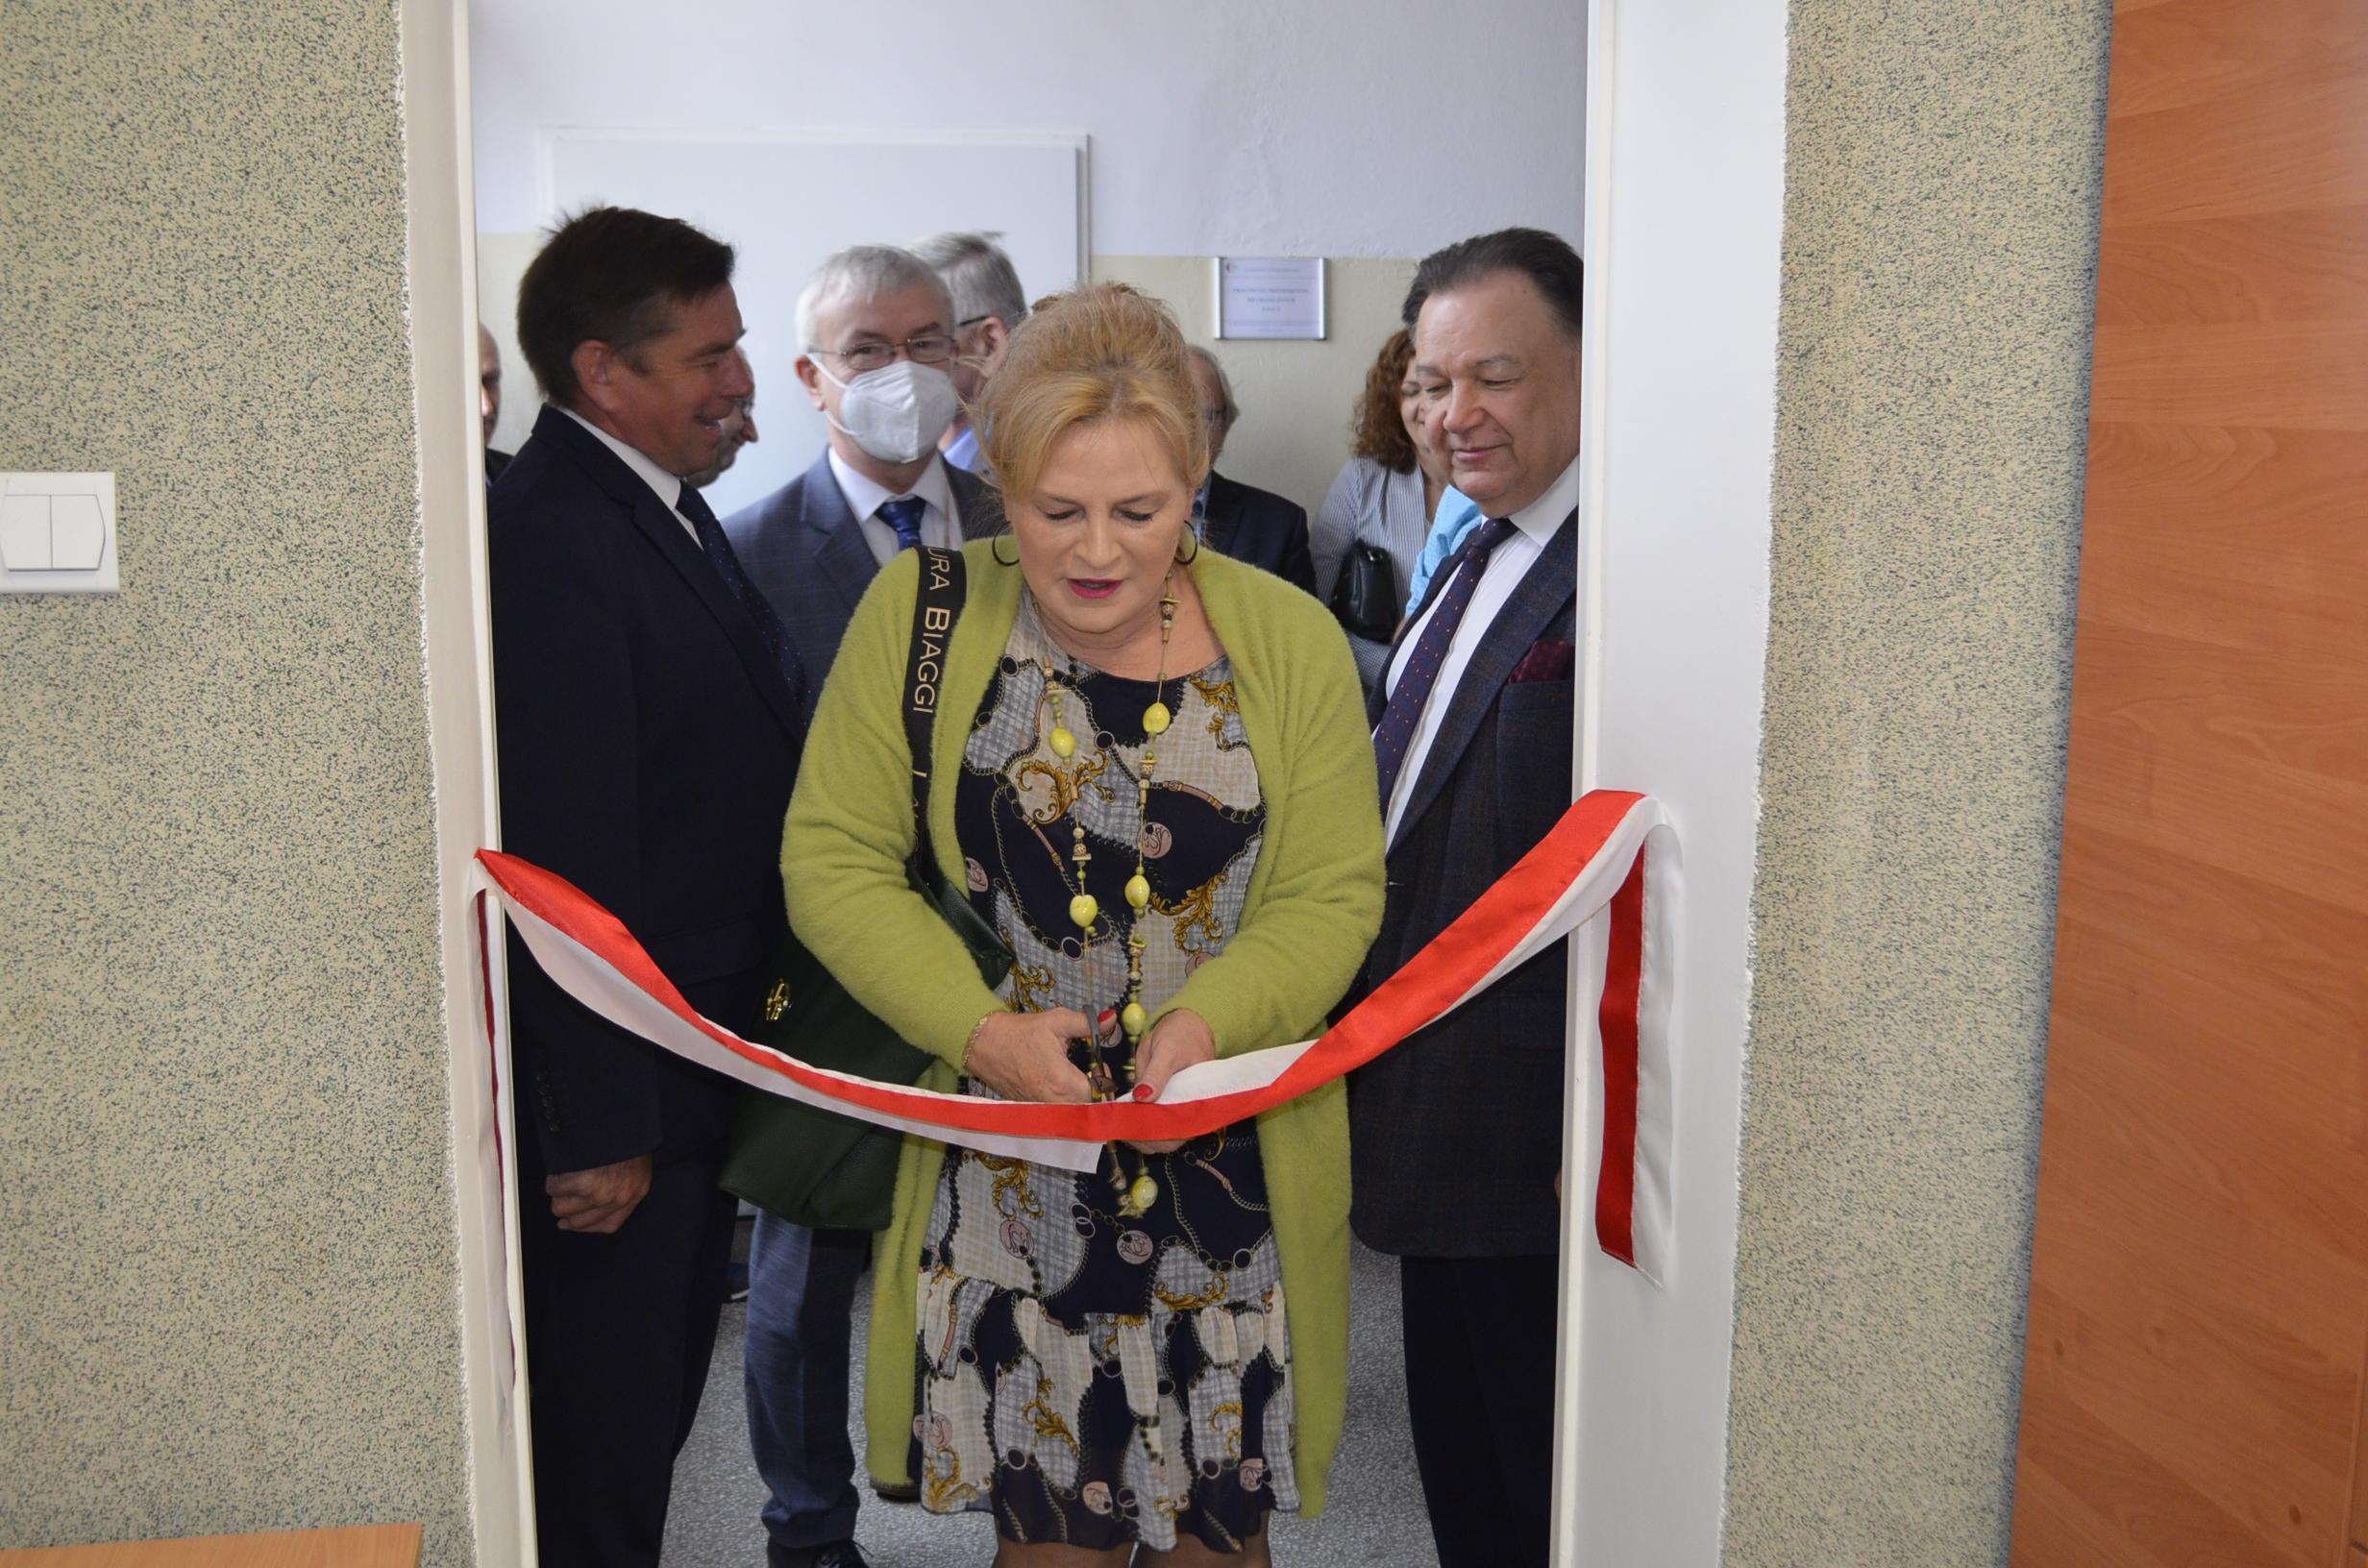 Wicestarosta Powiatu Gostynińskiego kontynuuje przebieg otwarcia Sali Młodzieżowego Centrum Edukacyjnego.